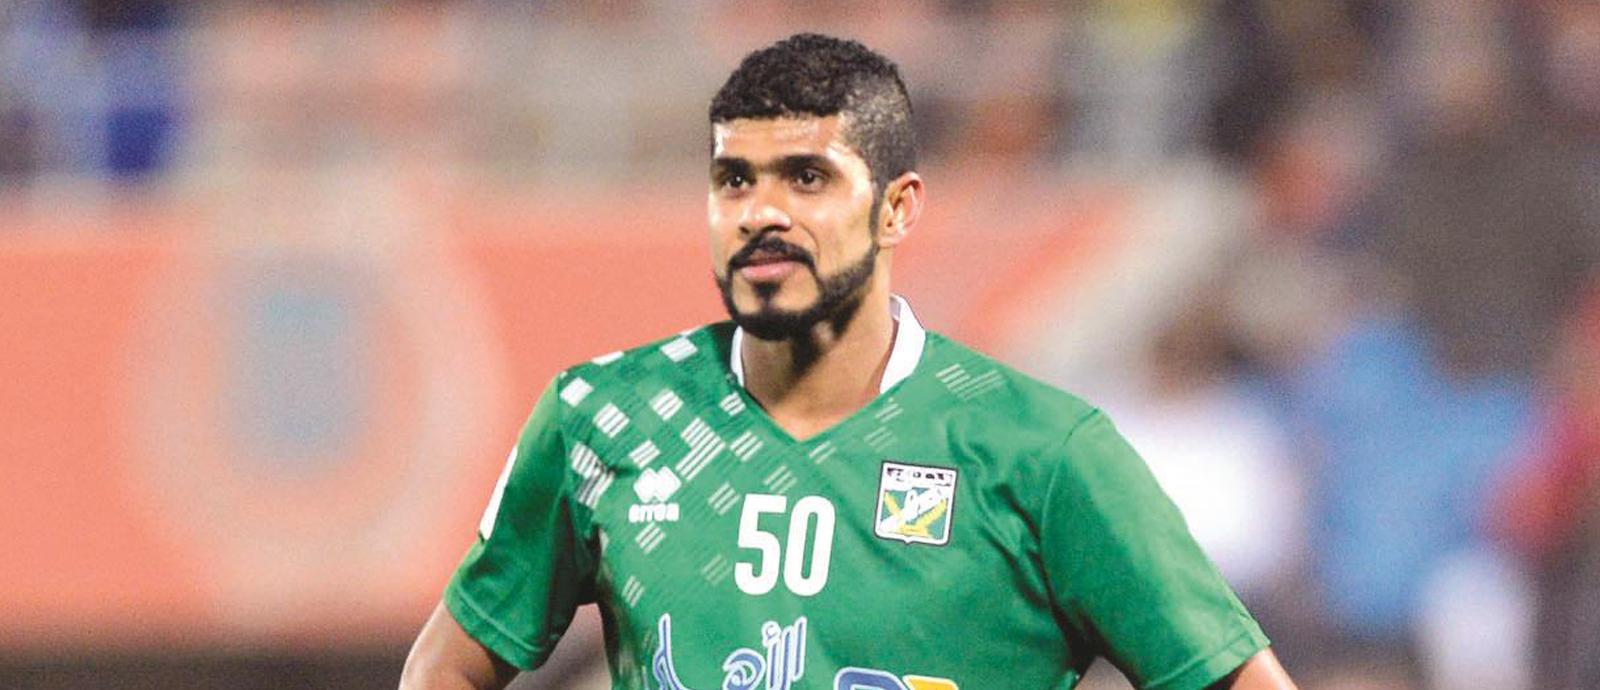 سعيد الرزيقي يحترف في نادي الطائي السعودي